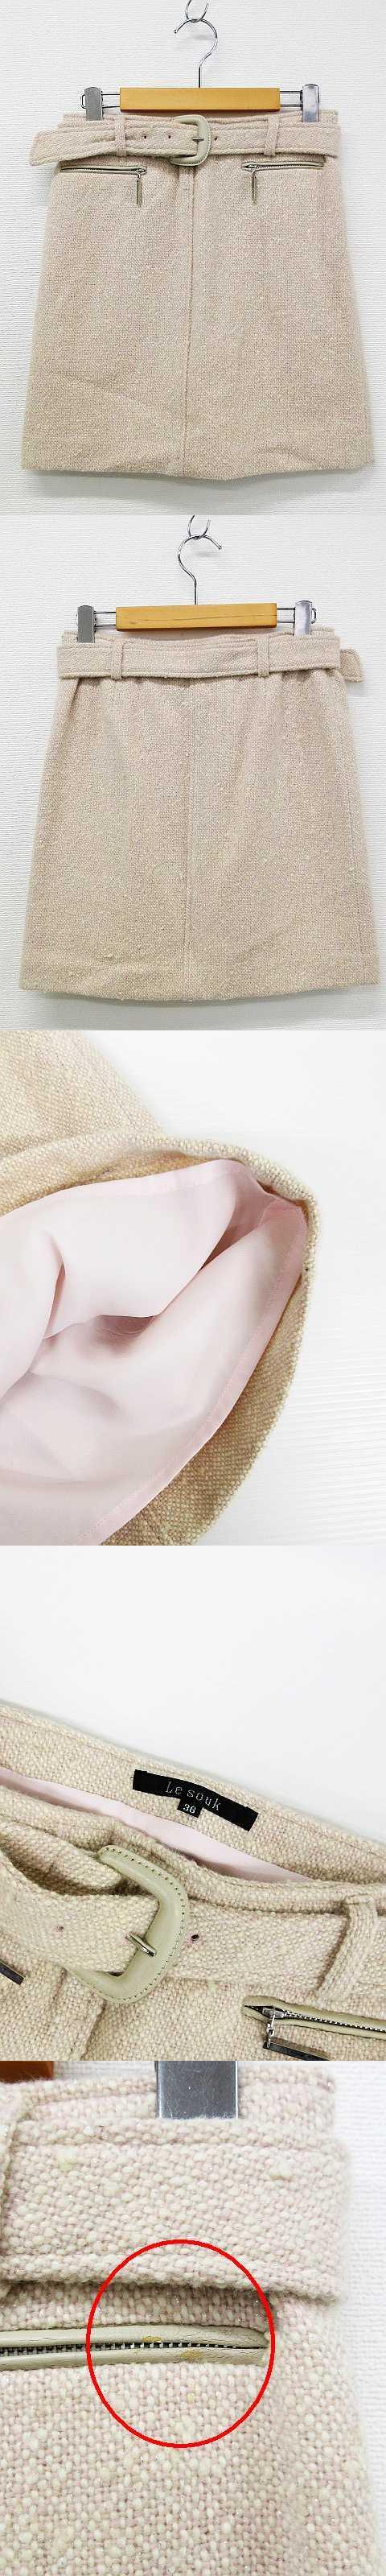 スカート ボトムス タイト ひざ上丈 ツイード ベルト付 ウール アンゴラ混 薄ピンク 36 秋冬